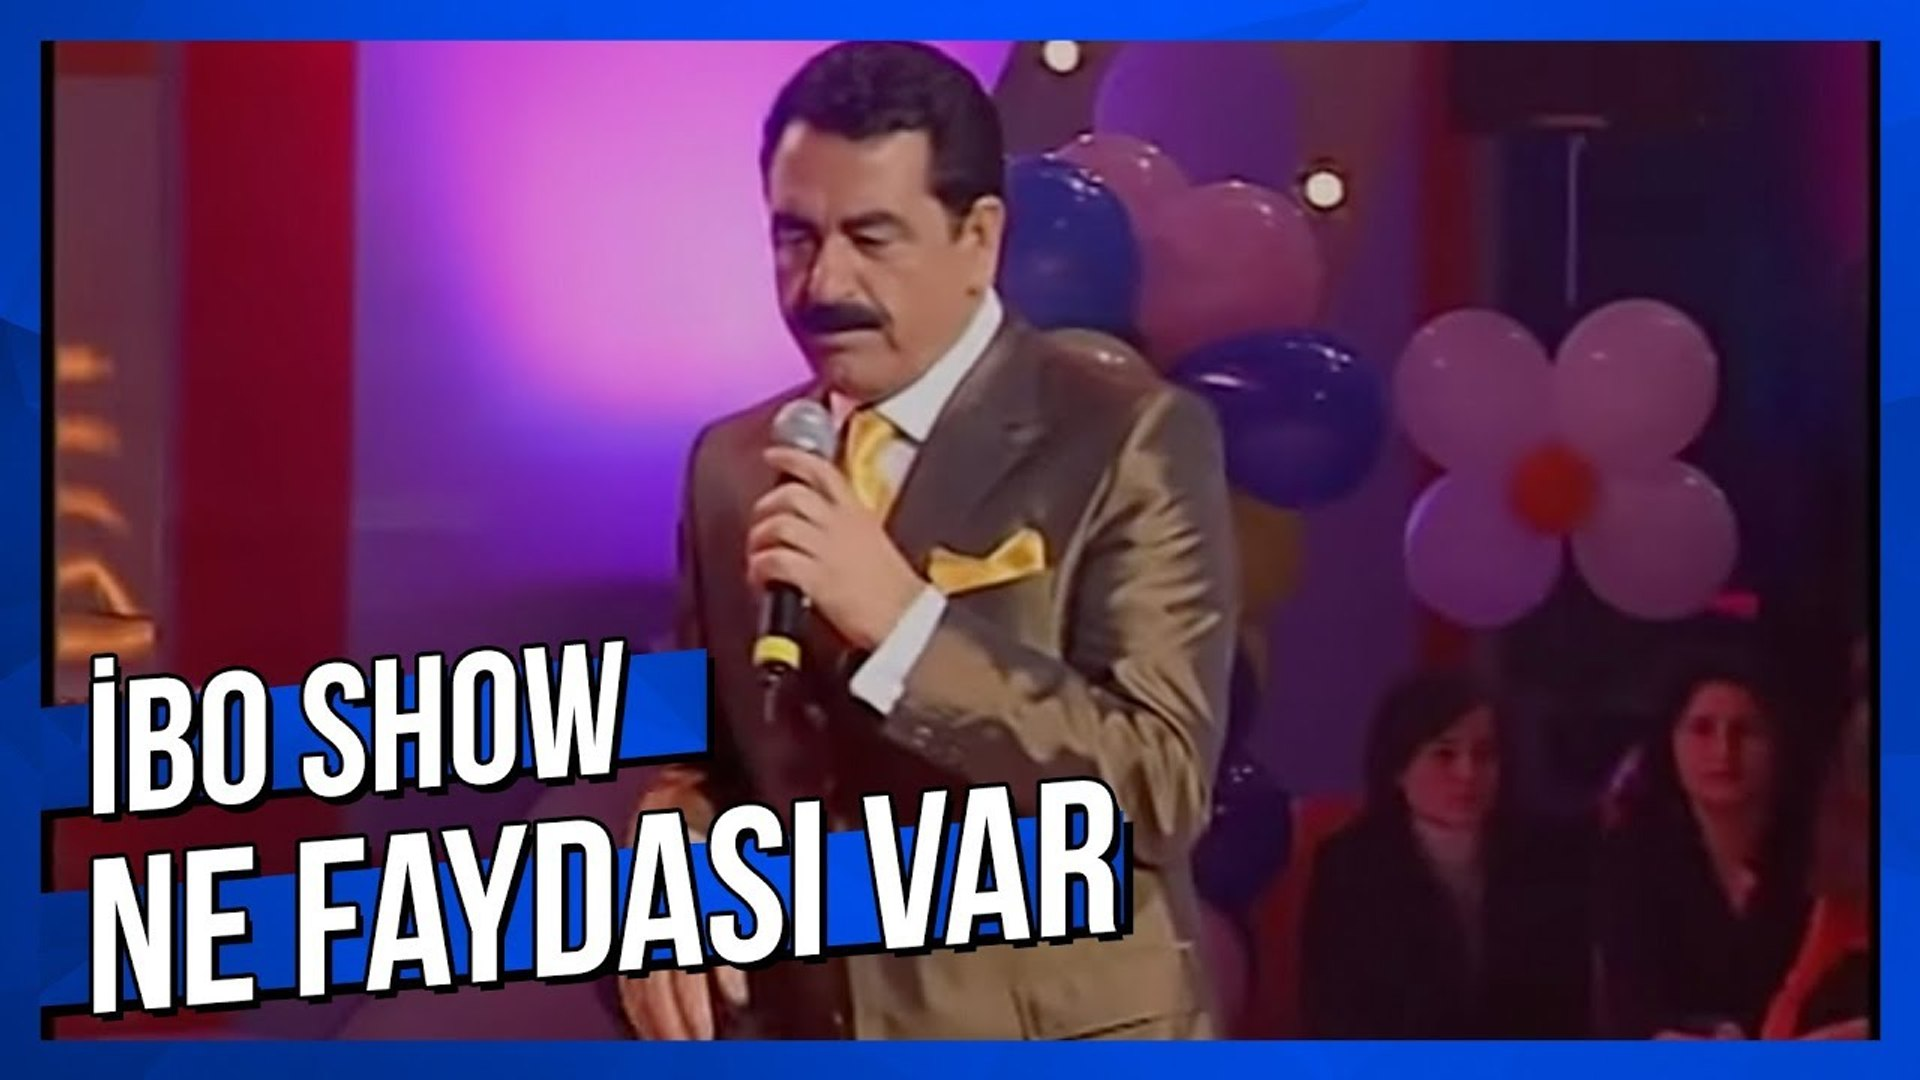 Ne Faydası Var - İbrahim Tatlıses - Canlı Performans